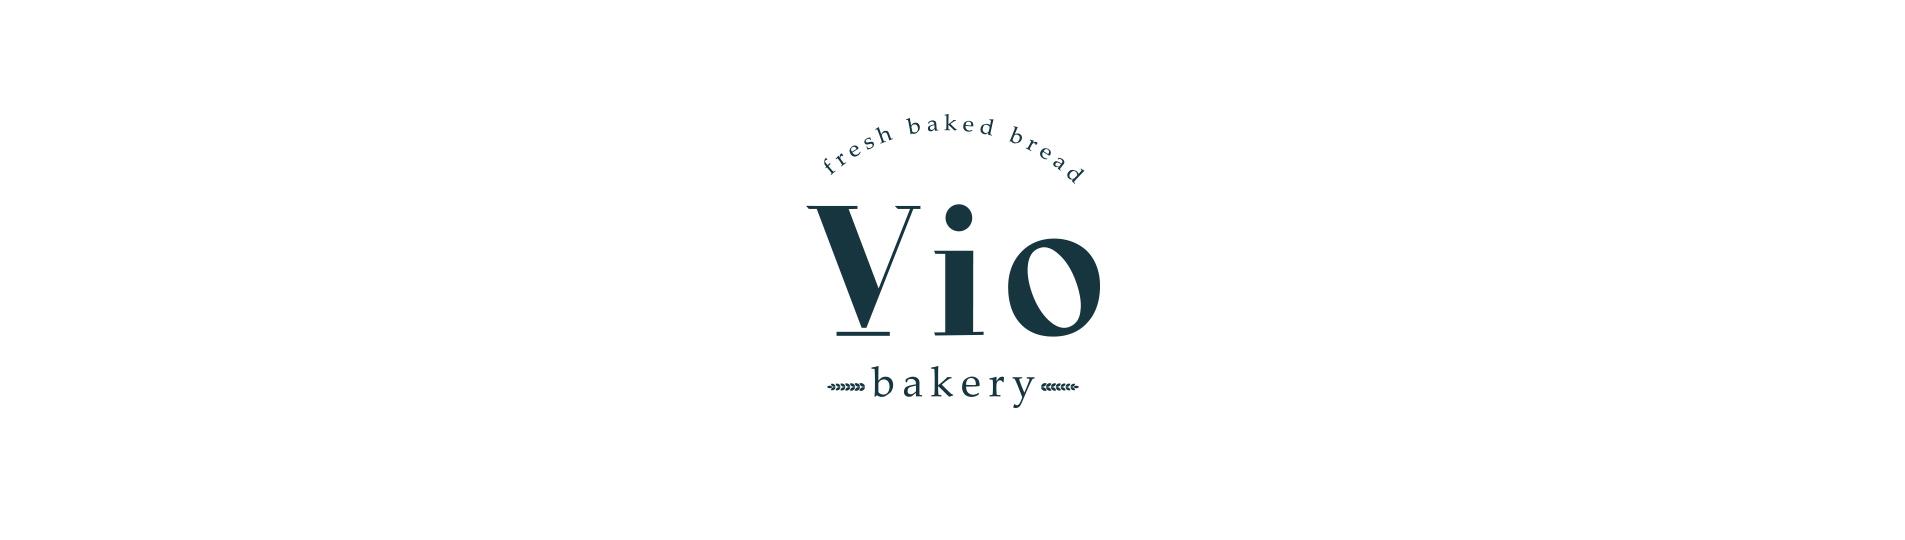 Logo system design bakery brand